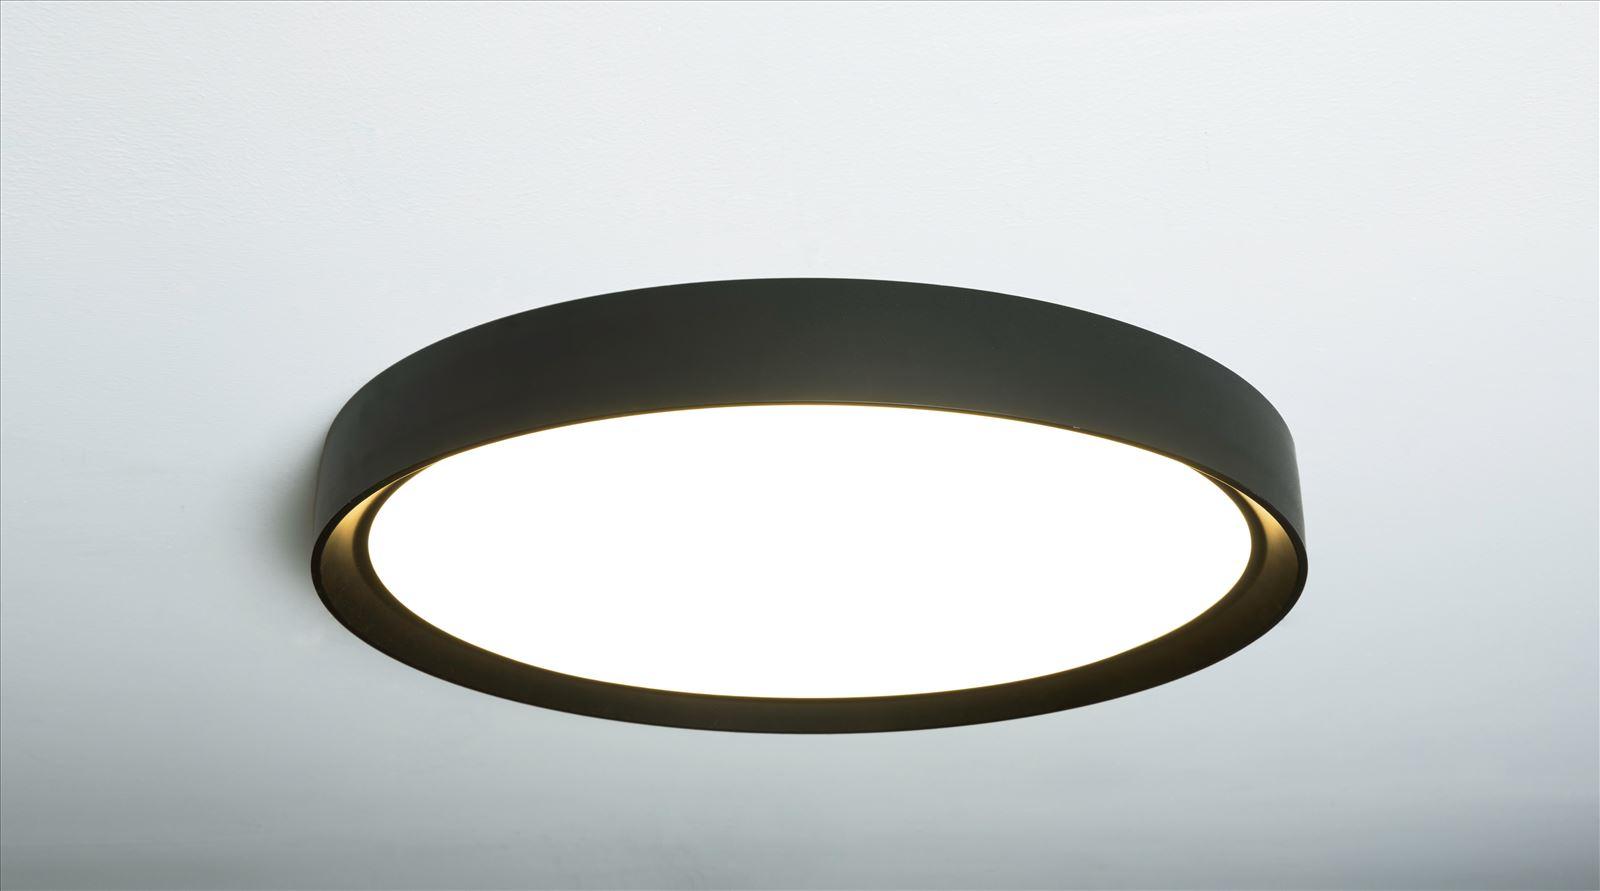 גופי תאורה מקטגוריית: צמודי תקרה ,שם המוצר: Mercury L